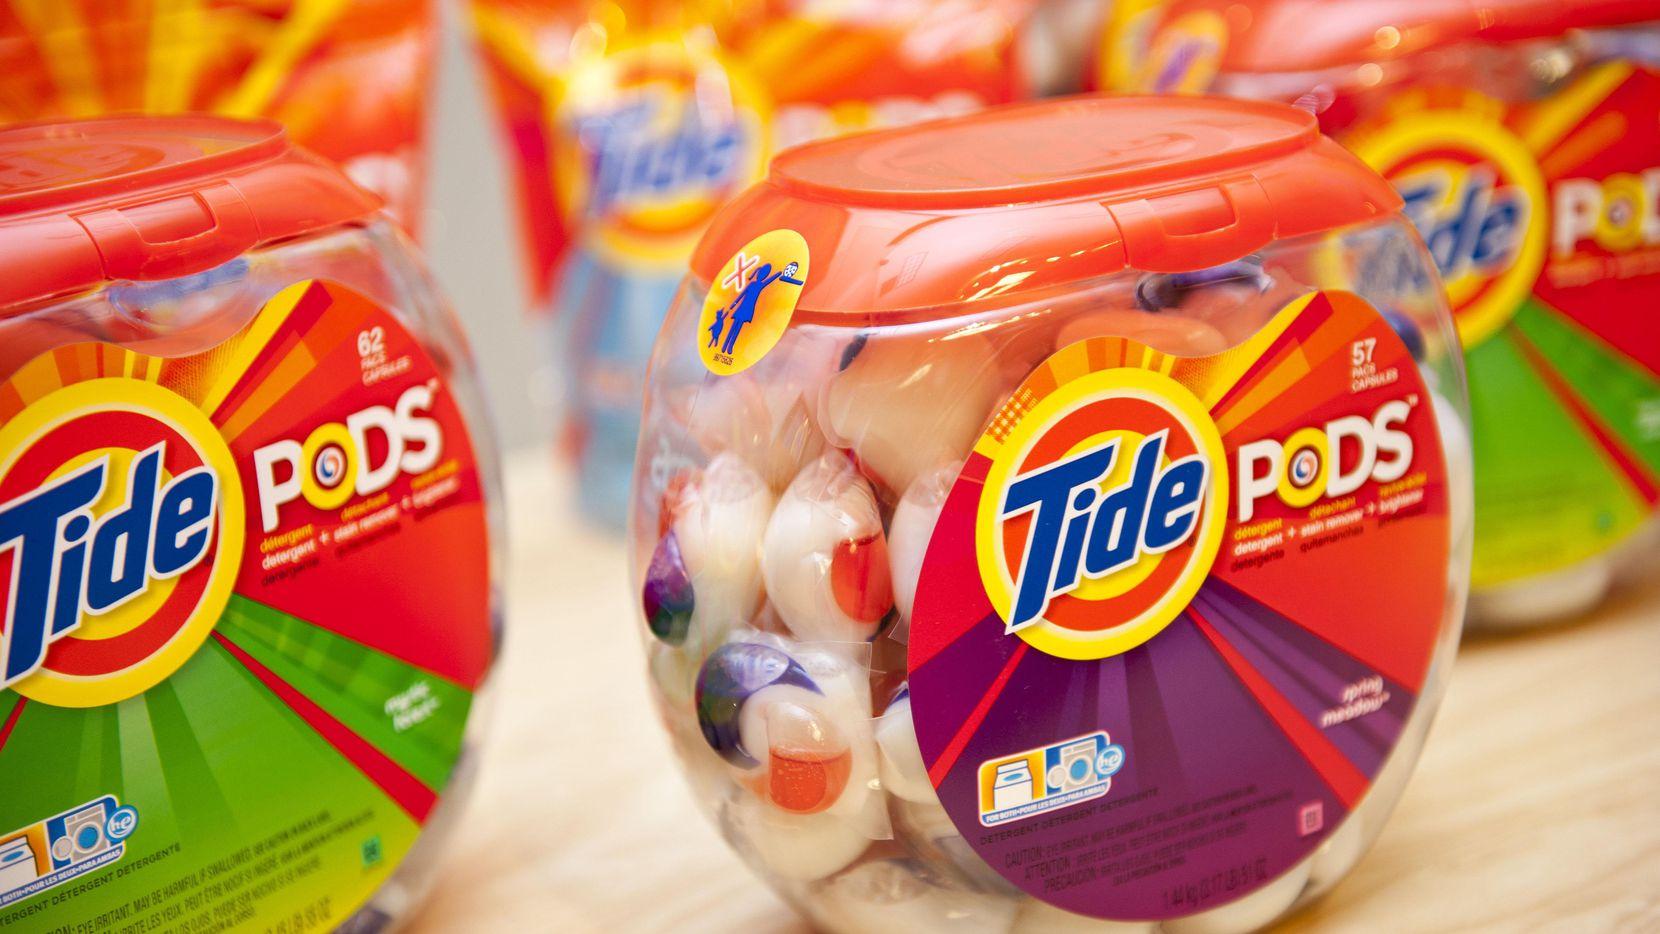 Las bolsitas con detergente Tide.(AP)